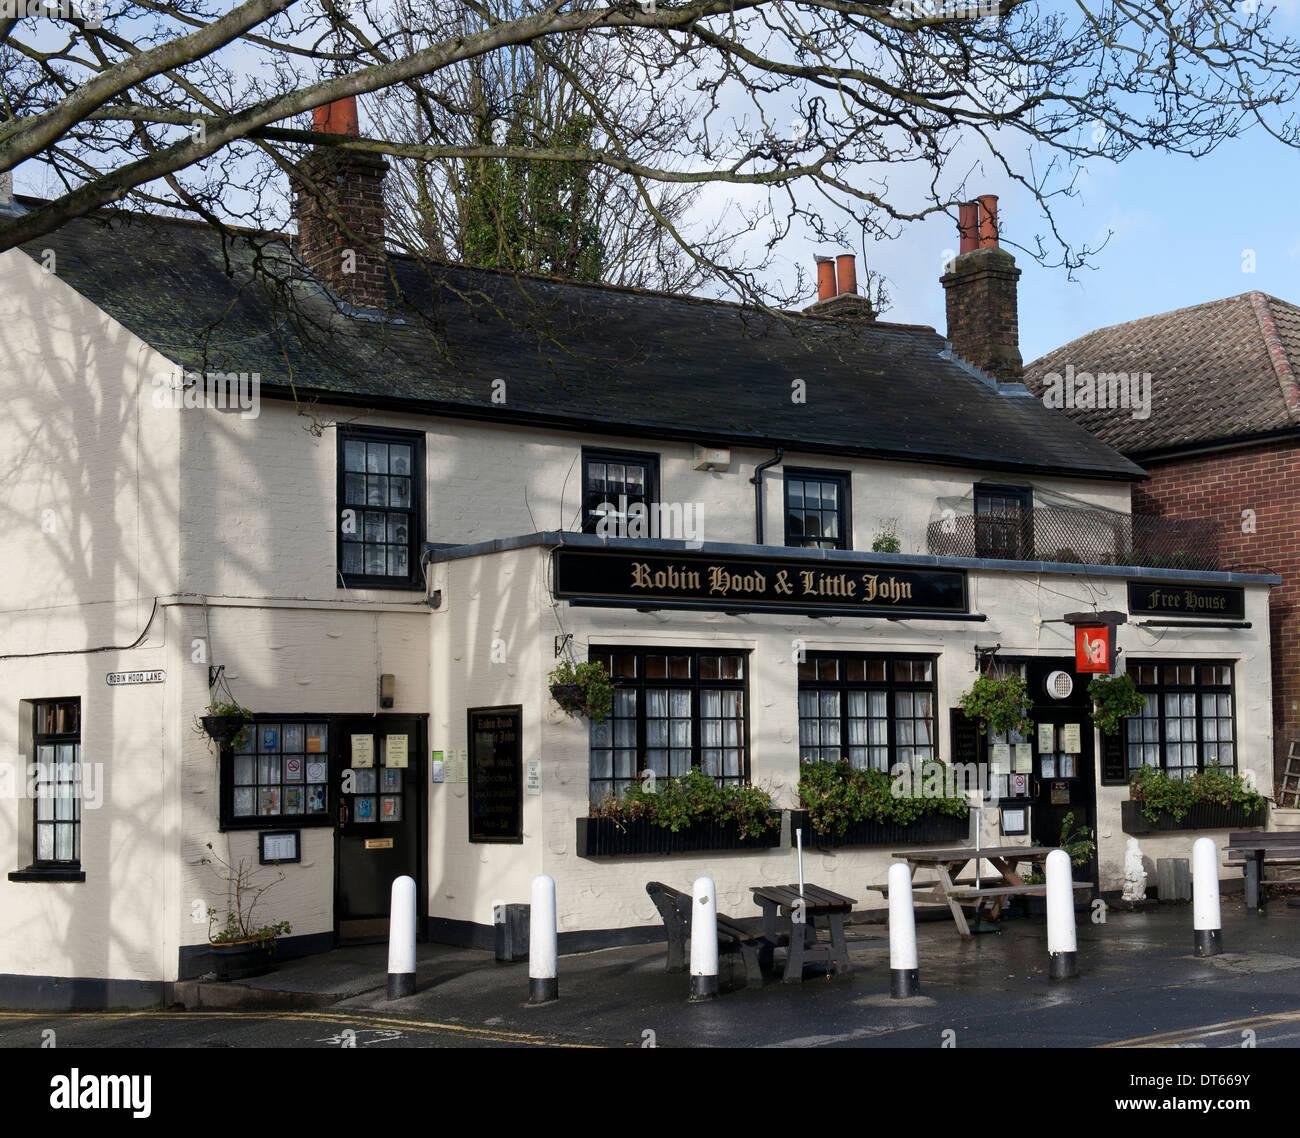 Robin Hood e Little John Public House, Lion Road, Bexleyheath, nel sud est di Londra, Inghilterra, Regno Unito. Immagini Stock